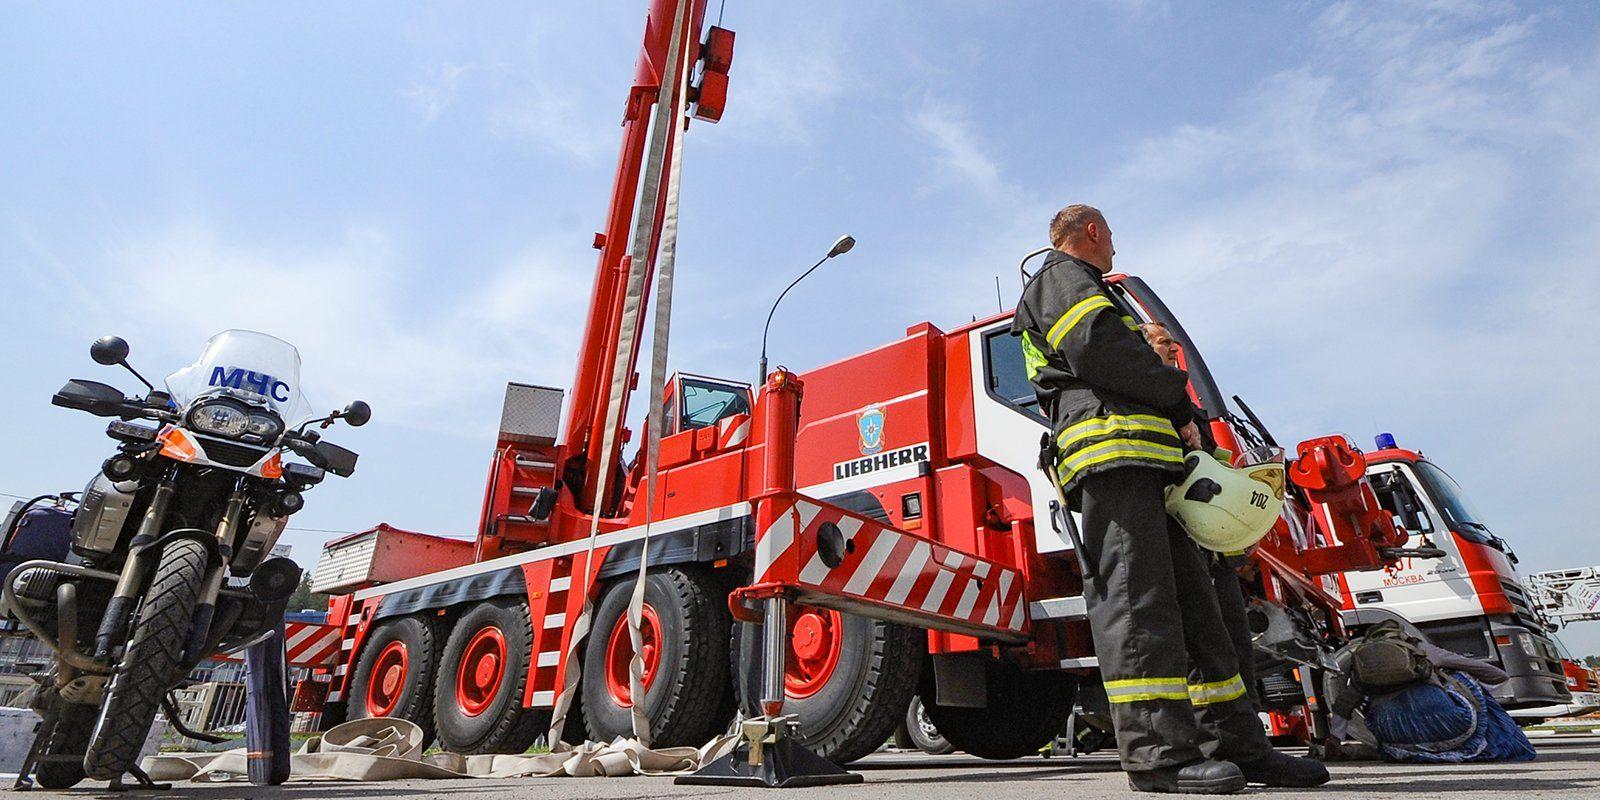 Опознавательные знаки обновят на восьми парковках для спецтехники в Роговском